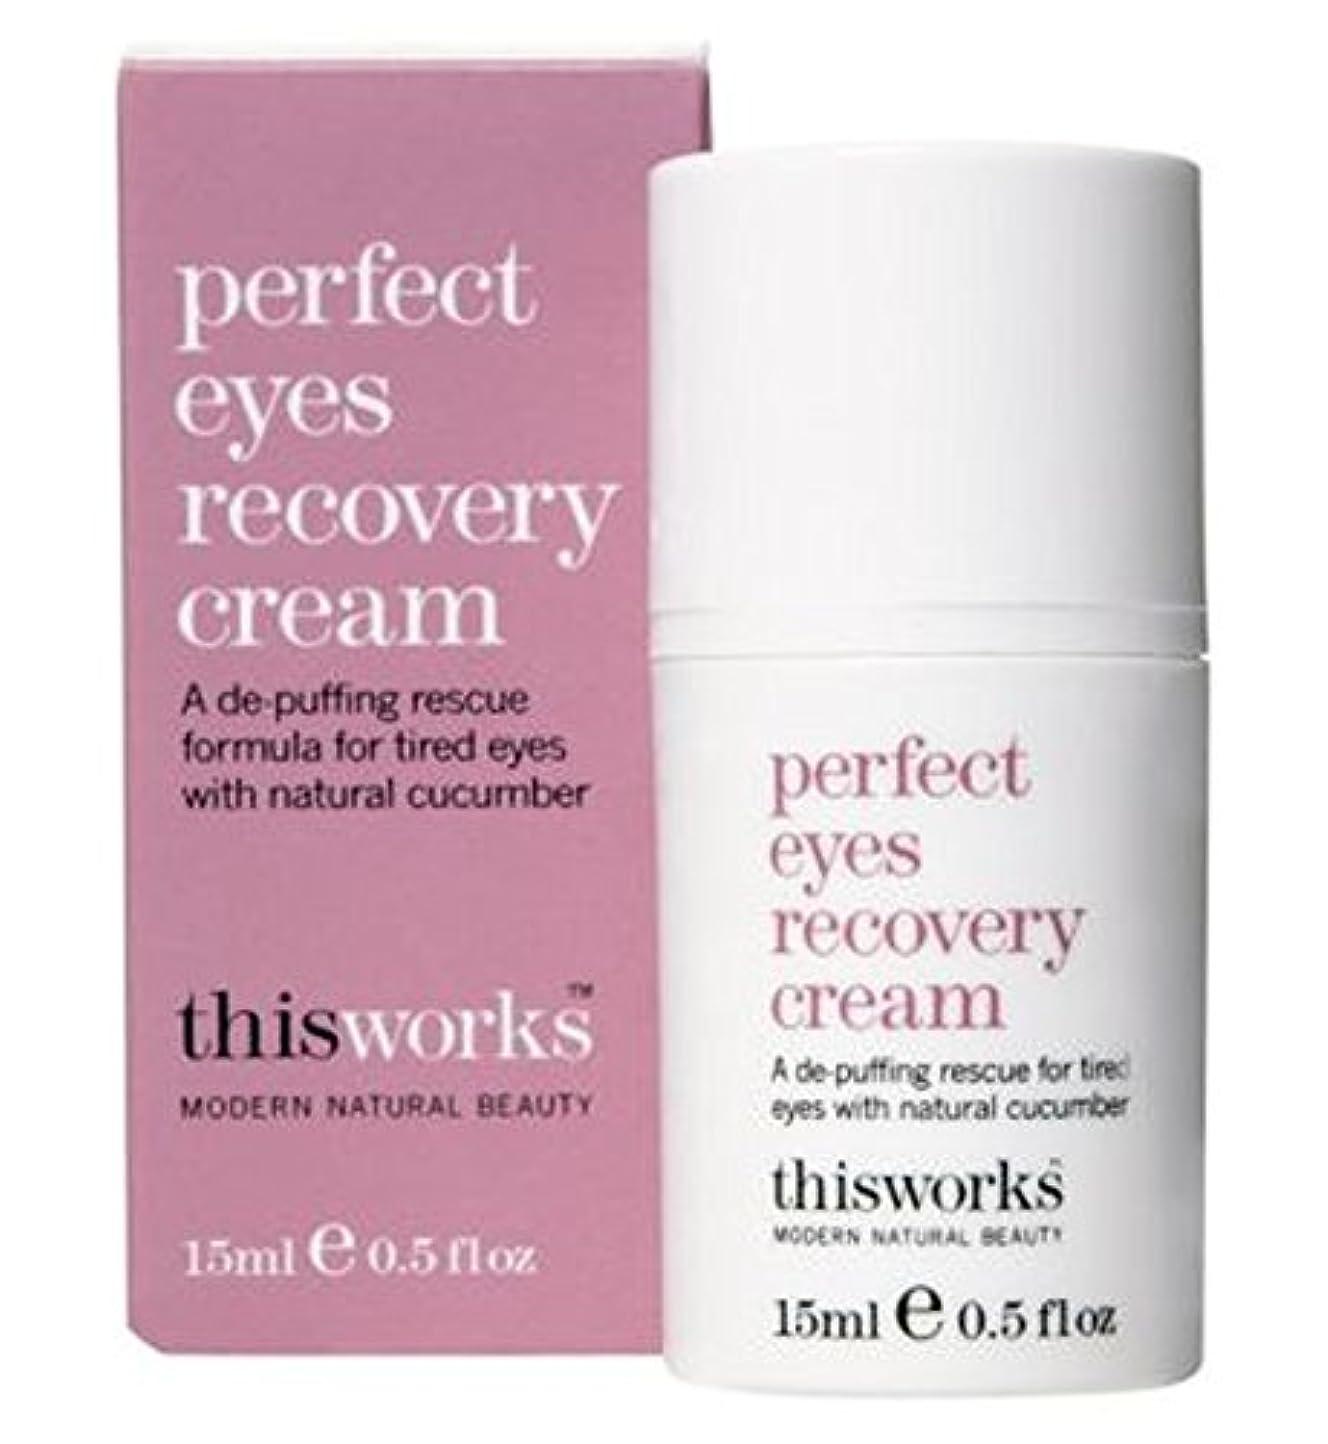 猛烈なウェーハめったにThis Works perfect eyes recovery cream 15ml - これは完璧な目回復クリーム15ミリリットルの作品 (This Works) [並行輸入品]